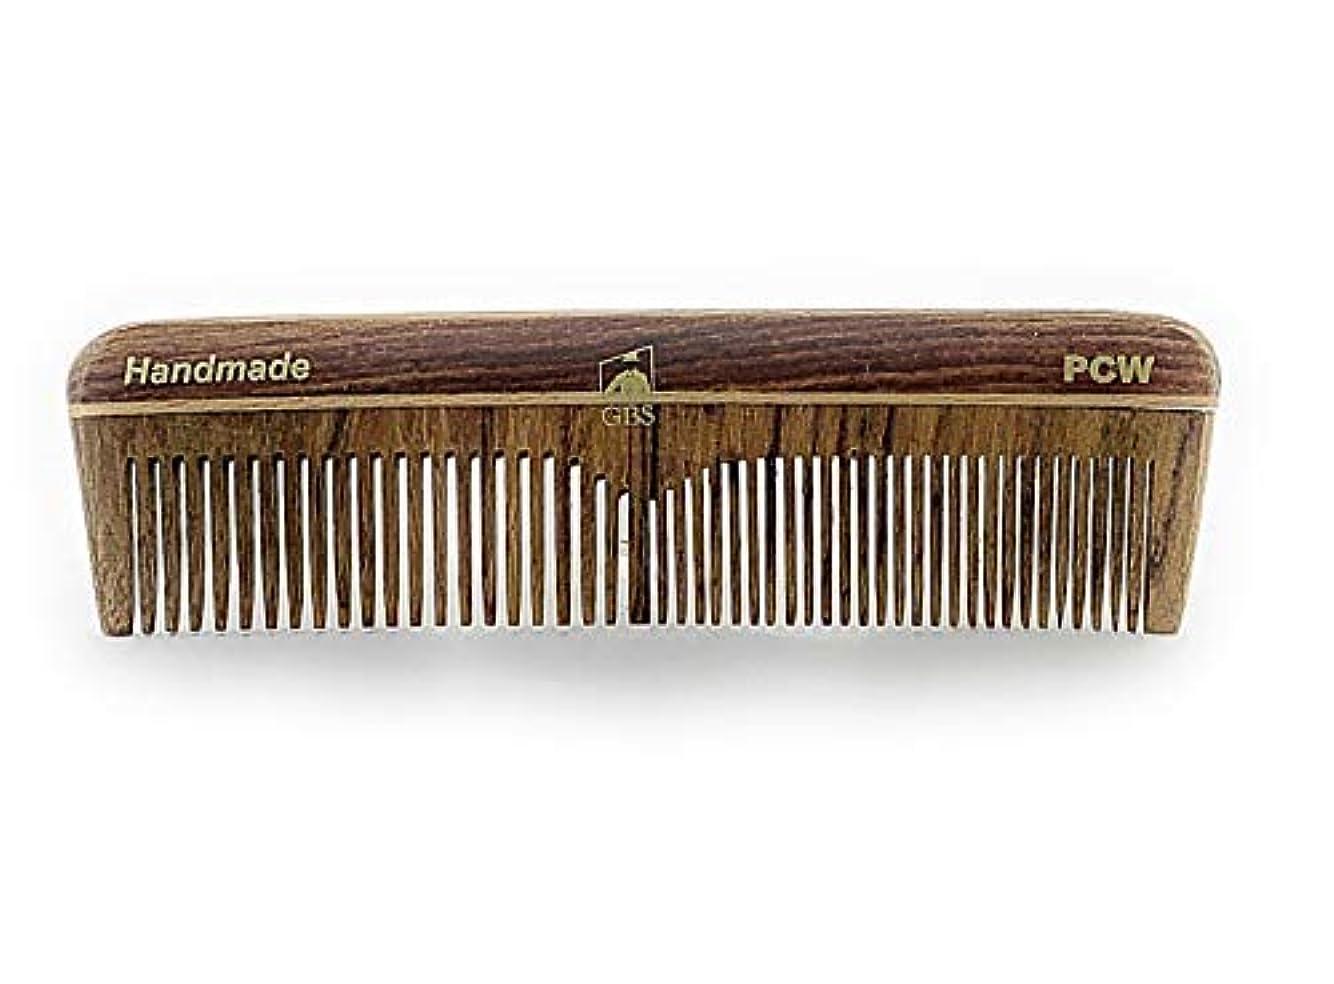 悩み多年生レイアウトGBS Natural Wood Handmade Pocket Beard and Hair Comb - Comb 5